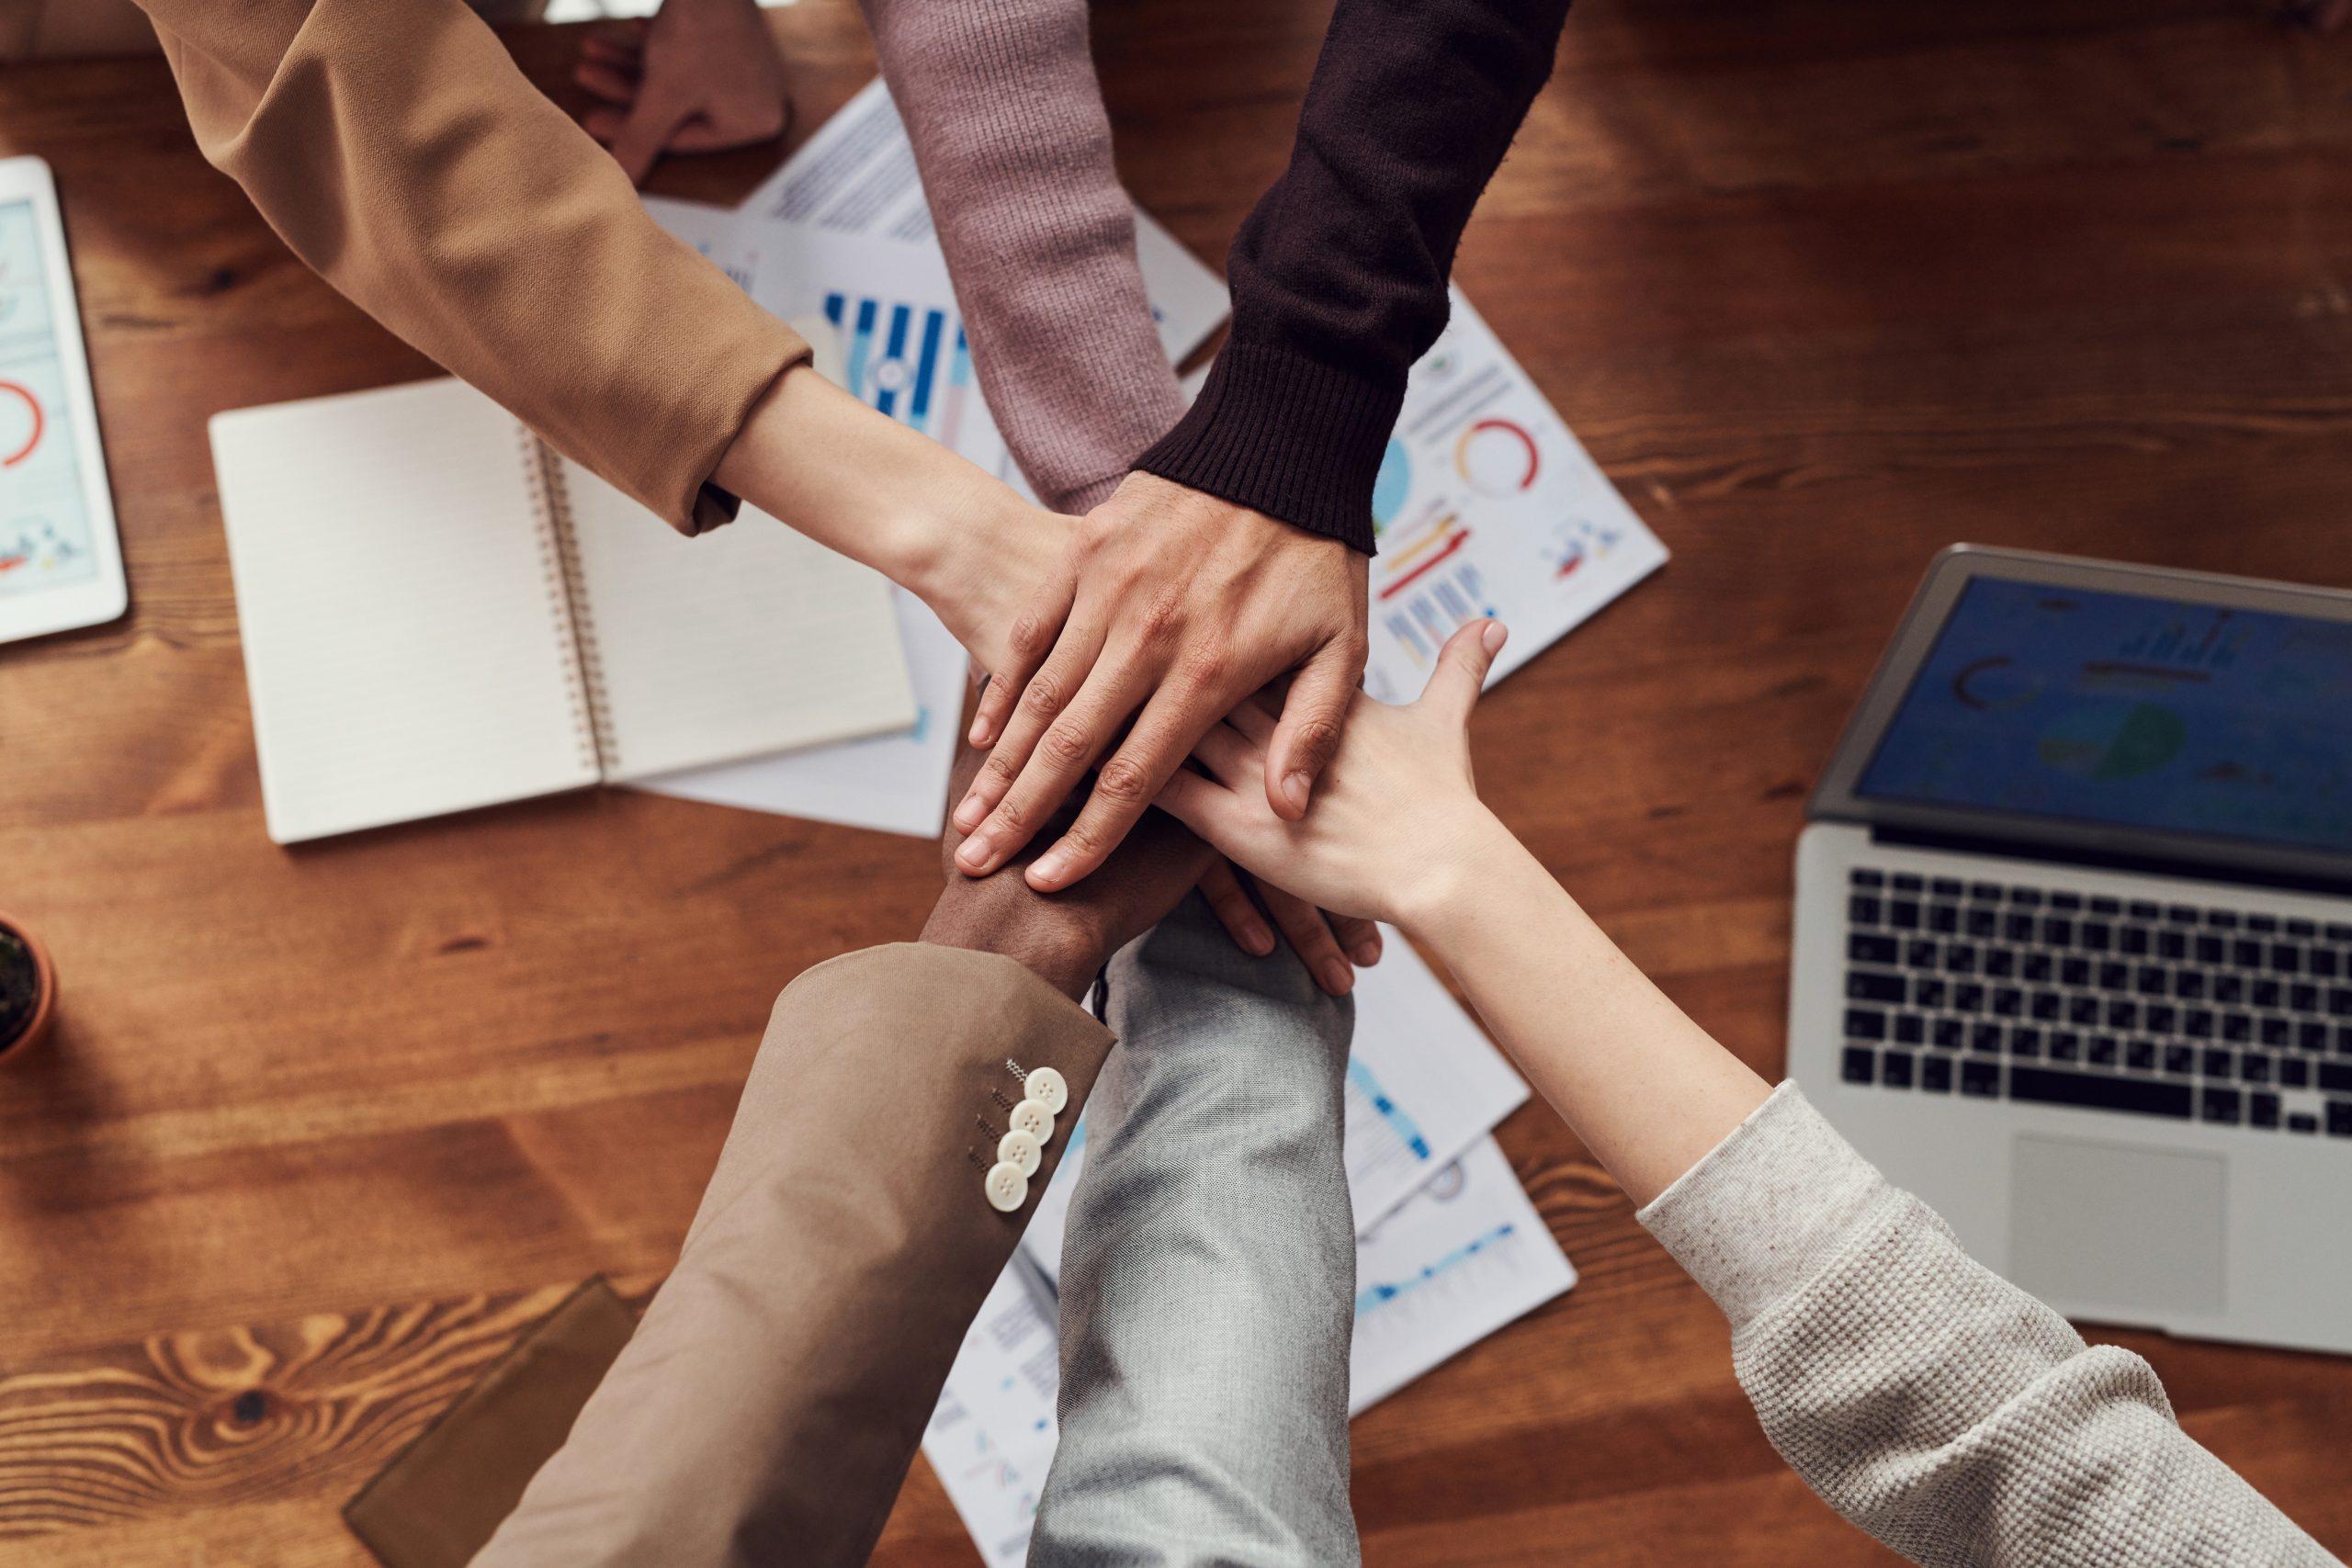 Kontakt mit Mitarbeitern und Auszubildenden ist wichtiger denn je